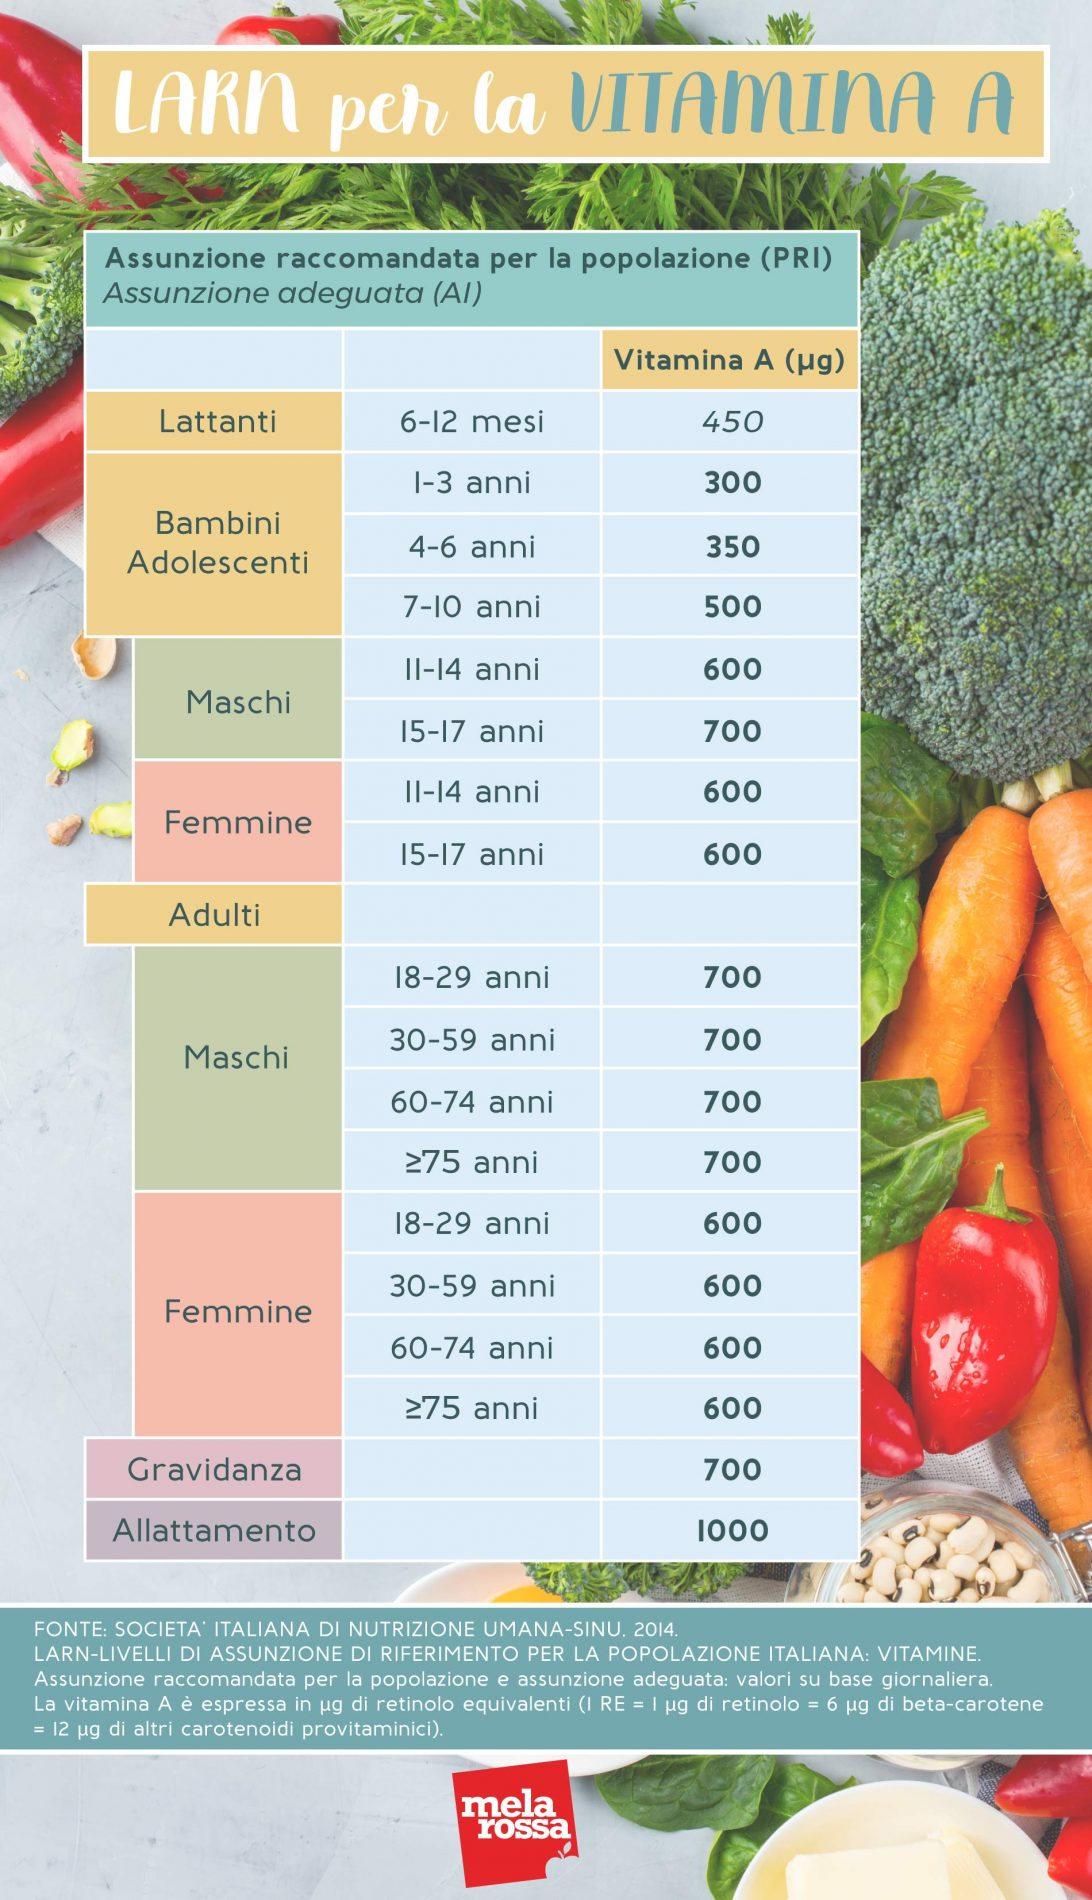 Vitamina A: LARN - Livelli di assunzione di riferimento per la popolazione italiana